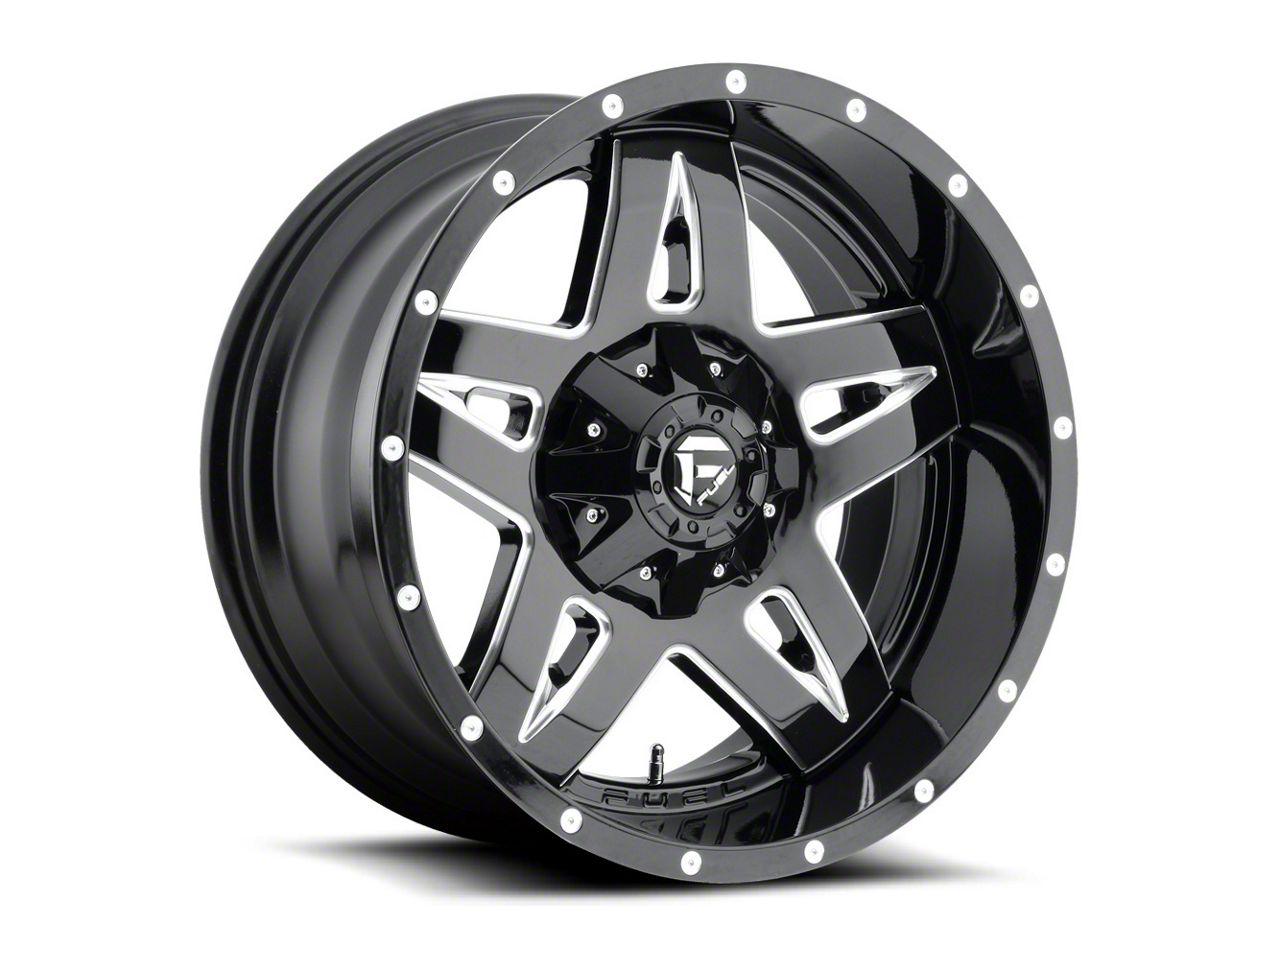 Fuel Wheels Full Blown Black Milled 6-Lug Wheel - 20x12 (99-18 Silverado 1500)